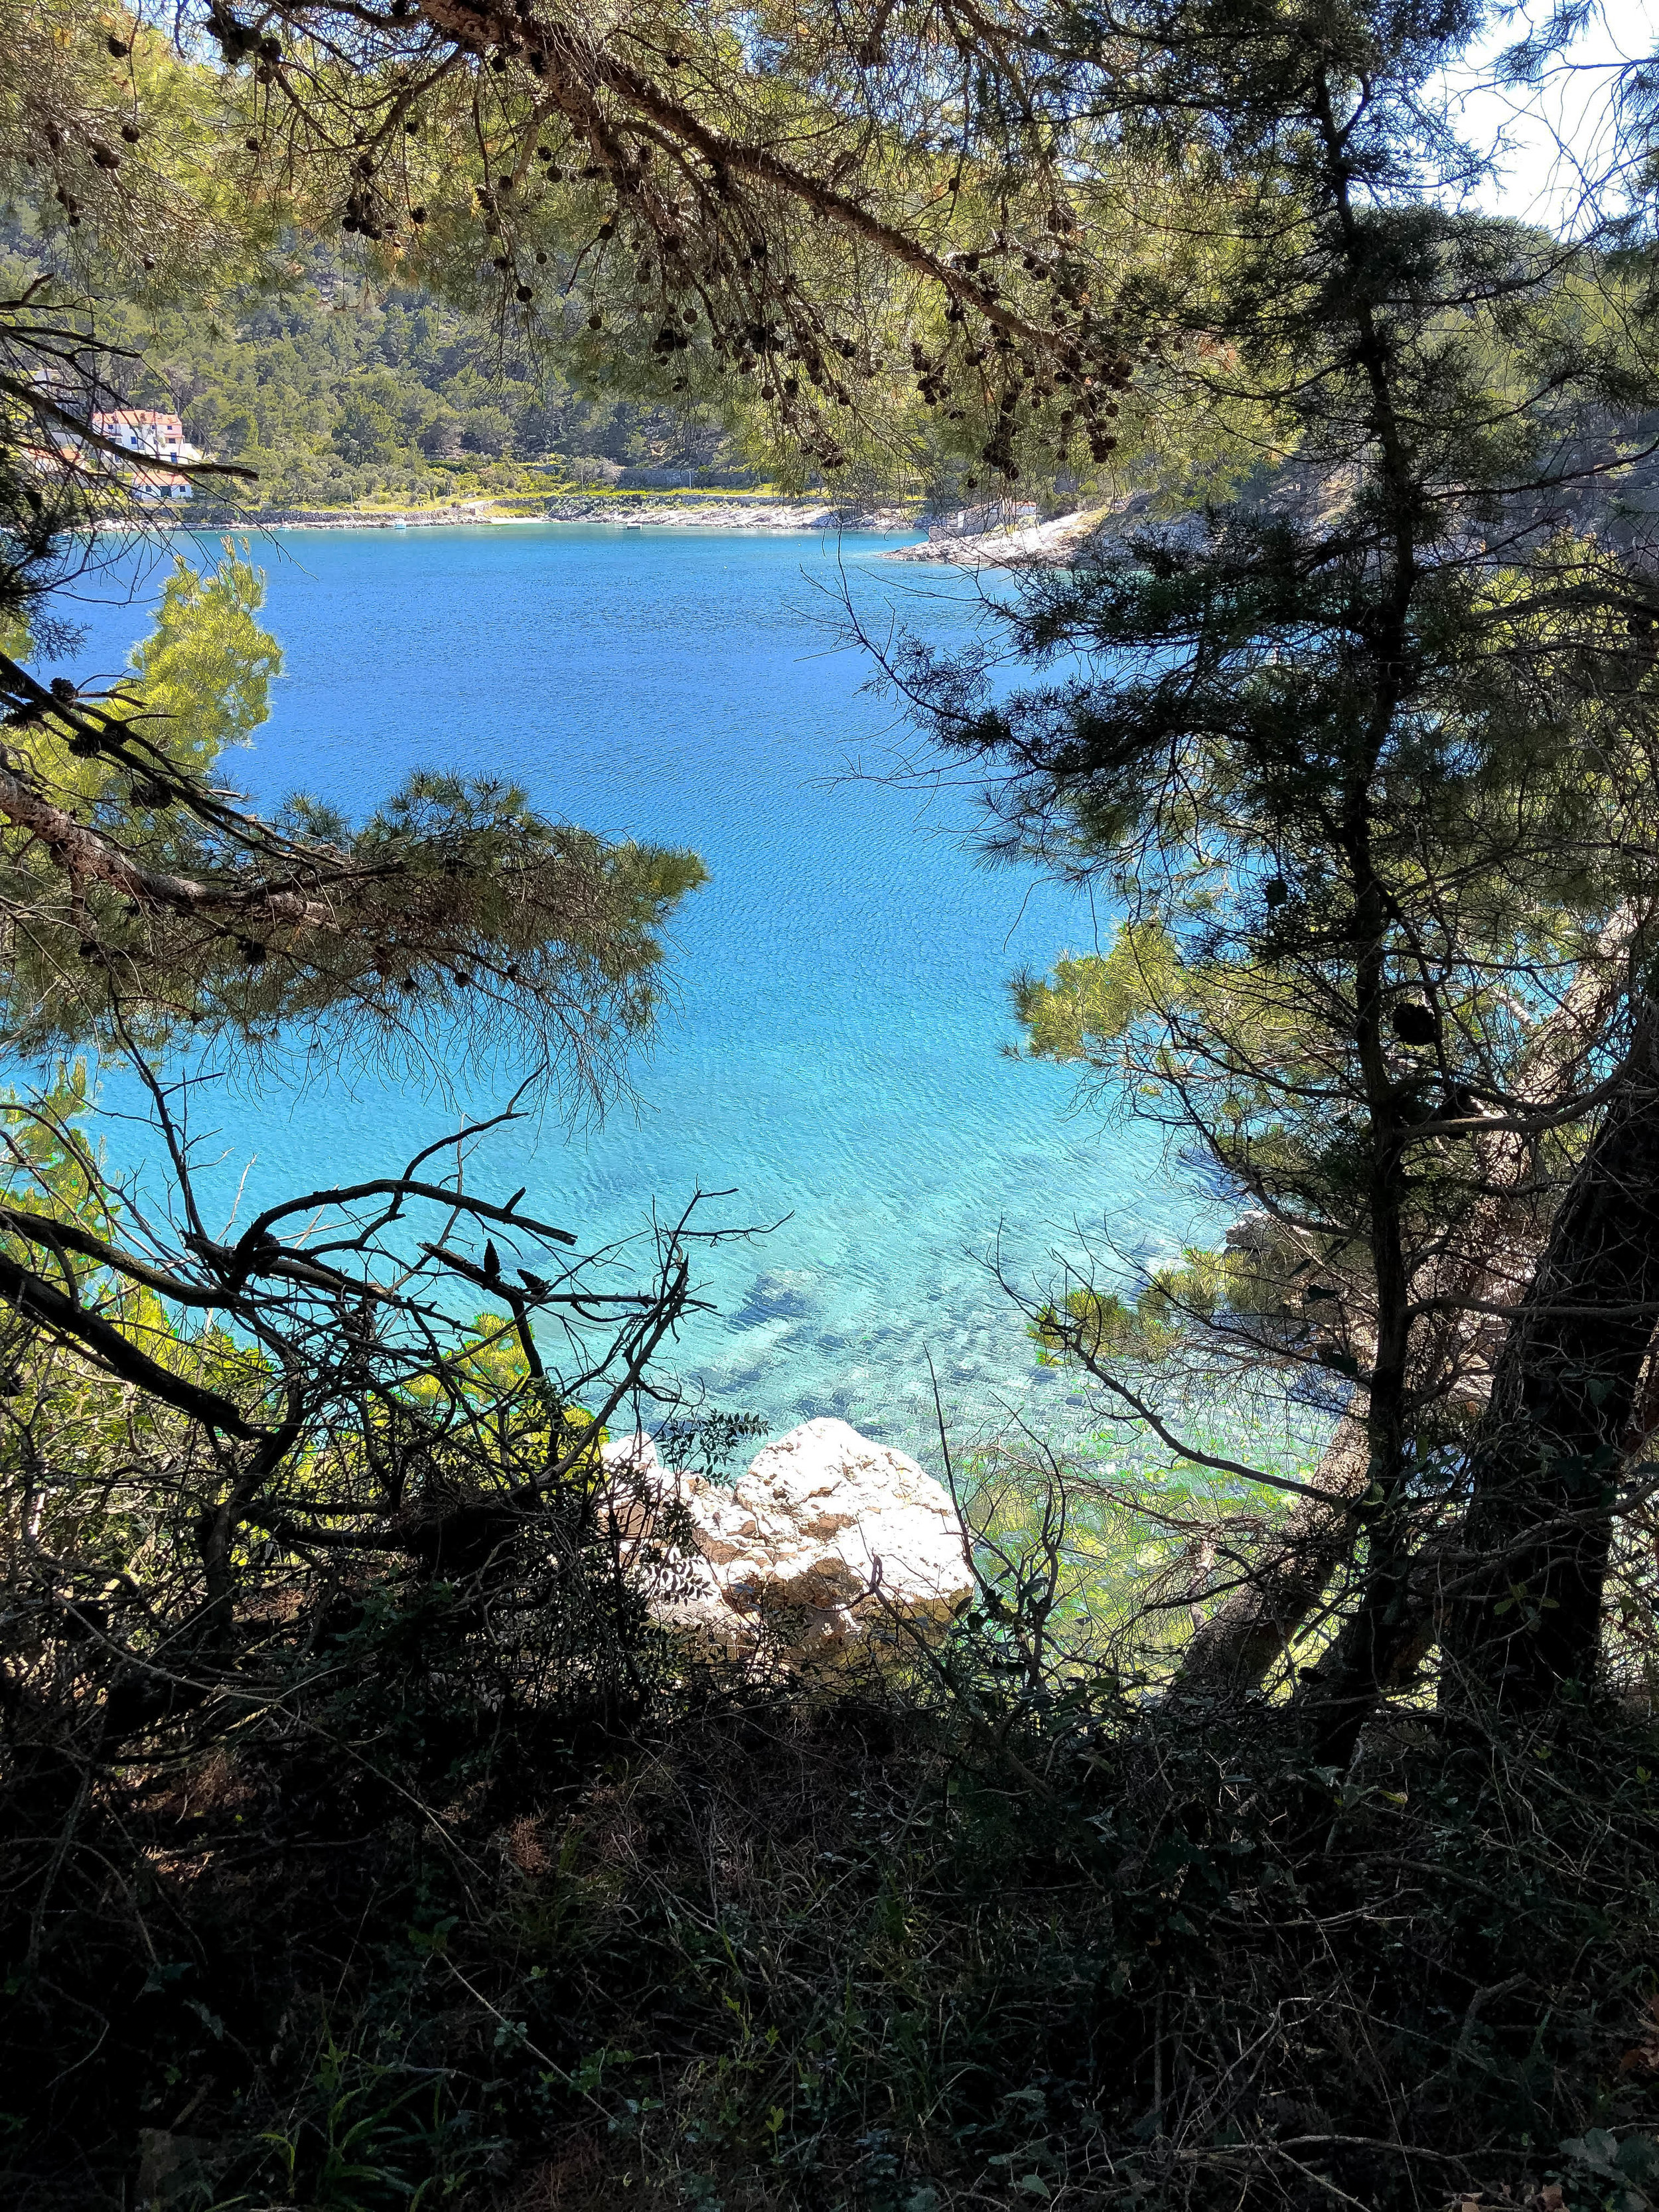 Mali Lôsinj, Croatia